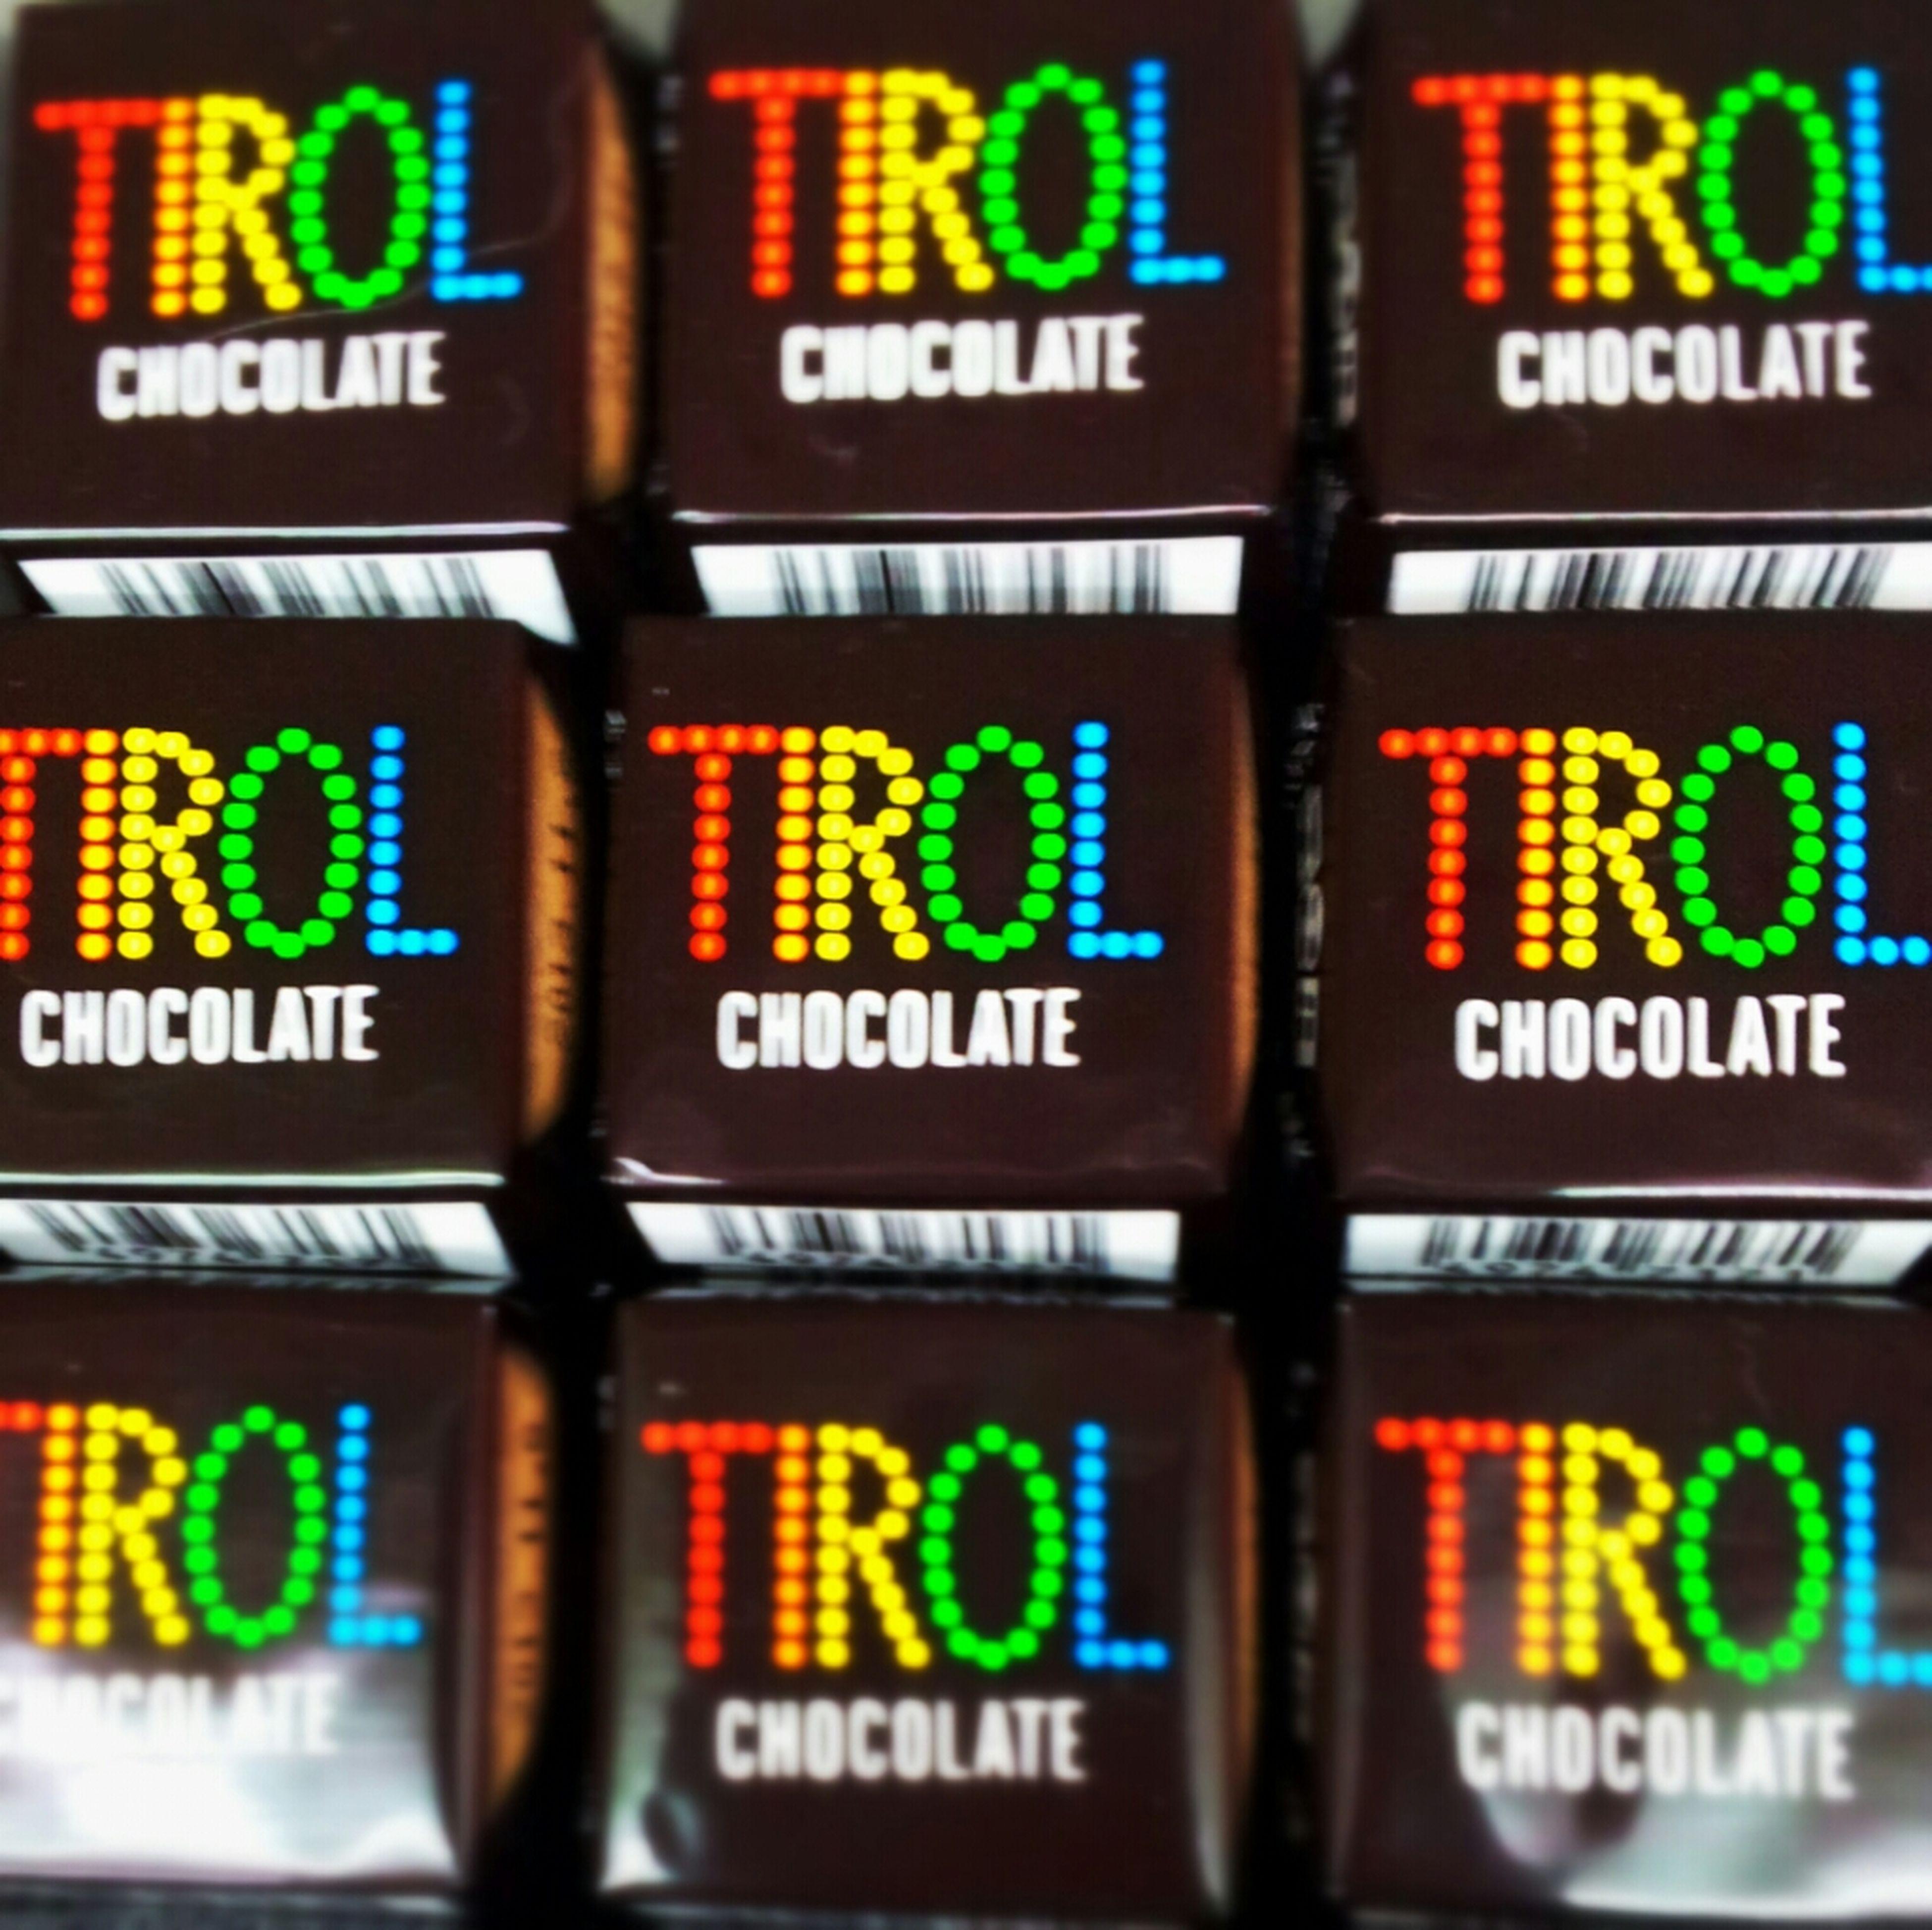 #Tirol #chocolate #box #cube #rainbow #colour